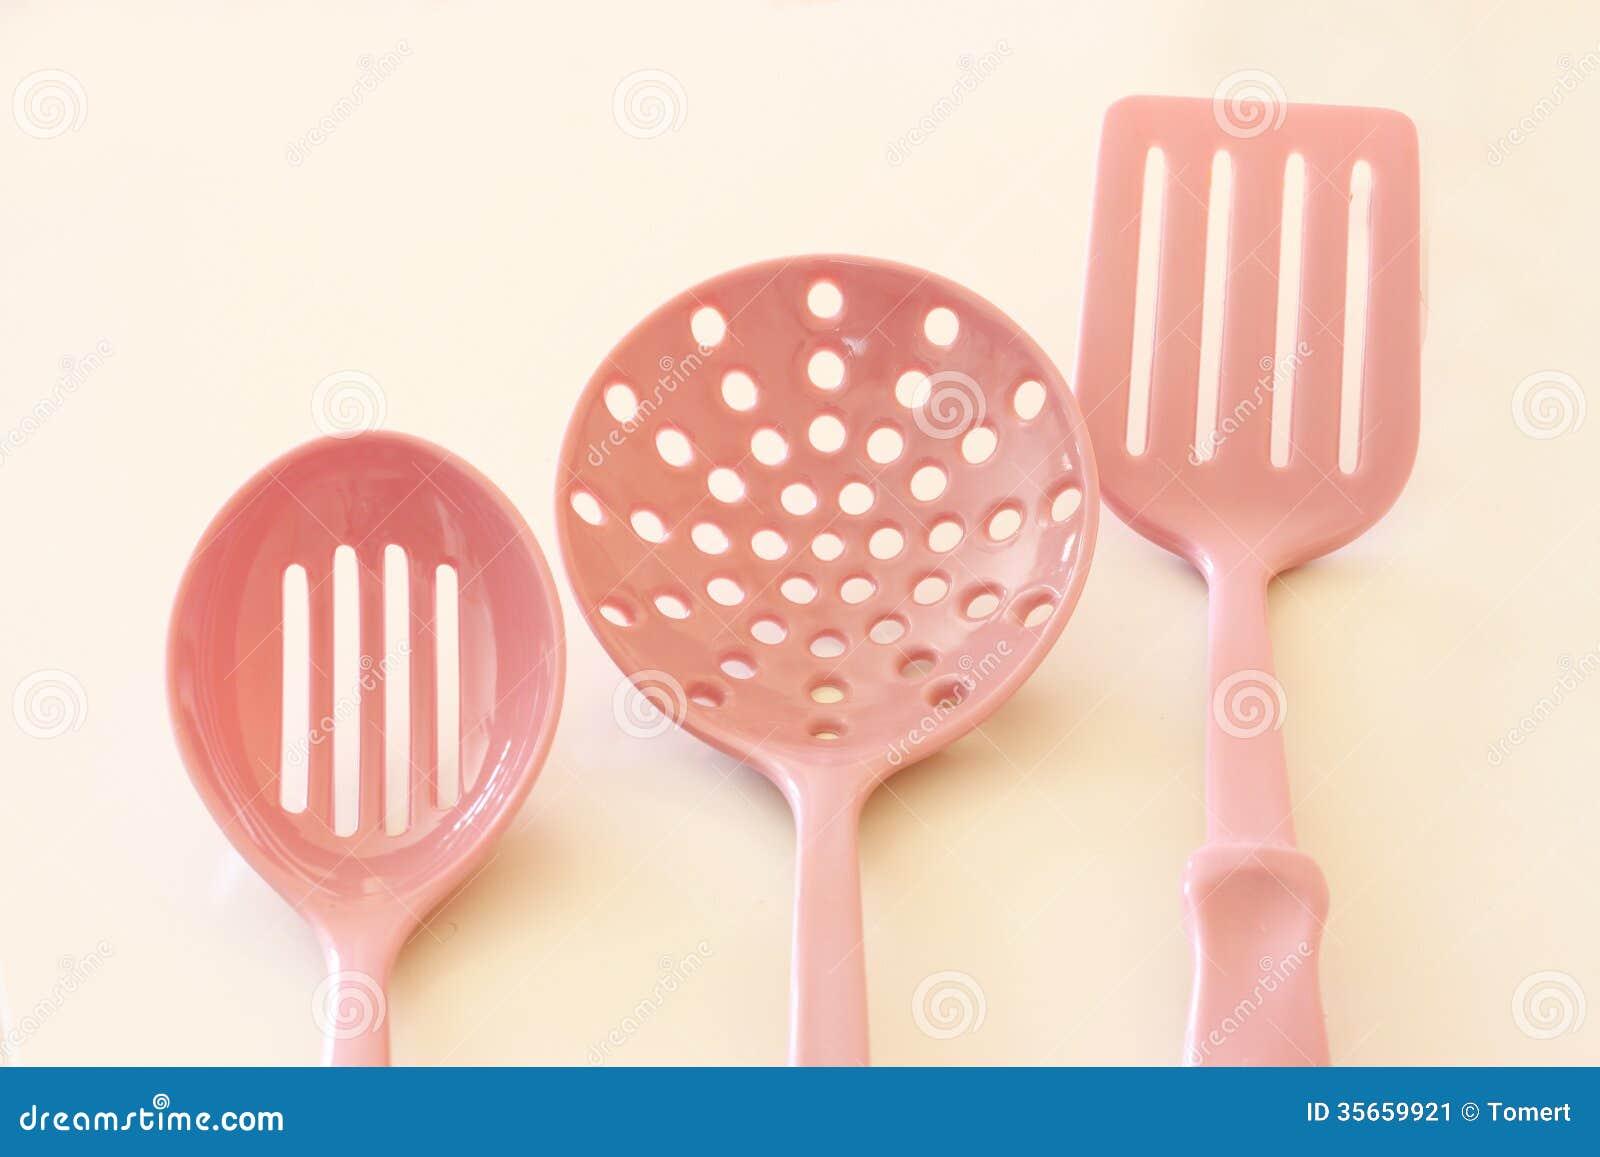 Utensili da cucina della cucina. spatole di plastica immagine stock